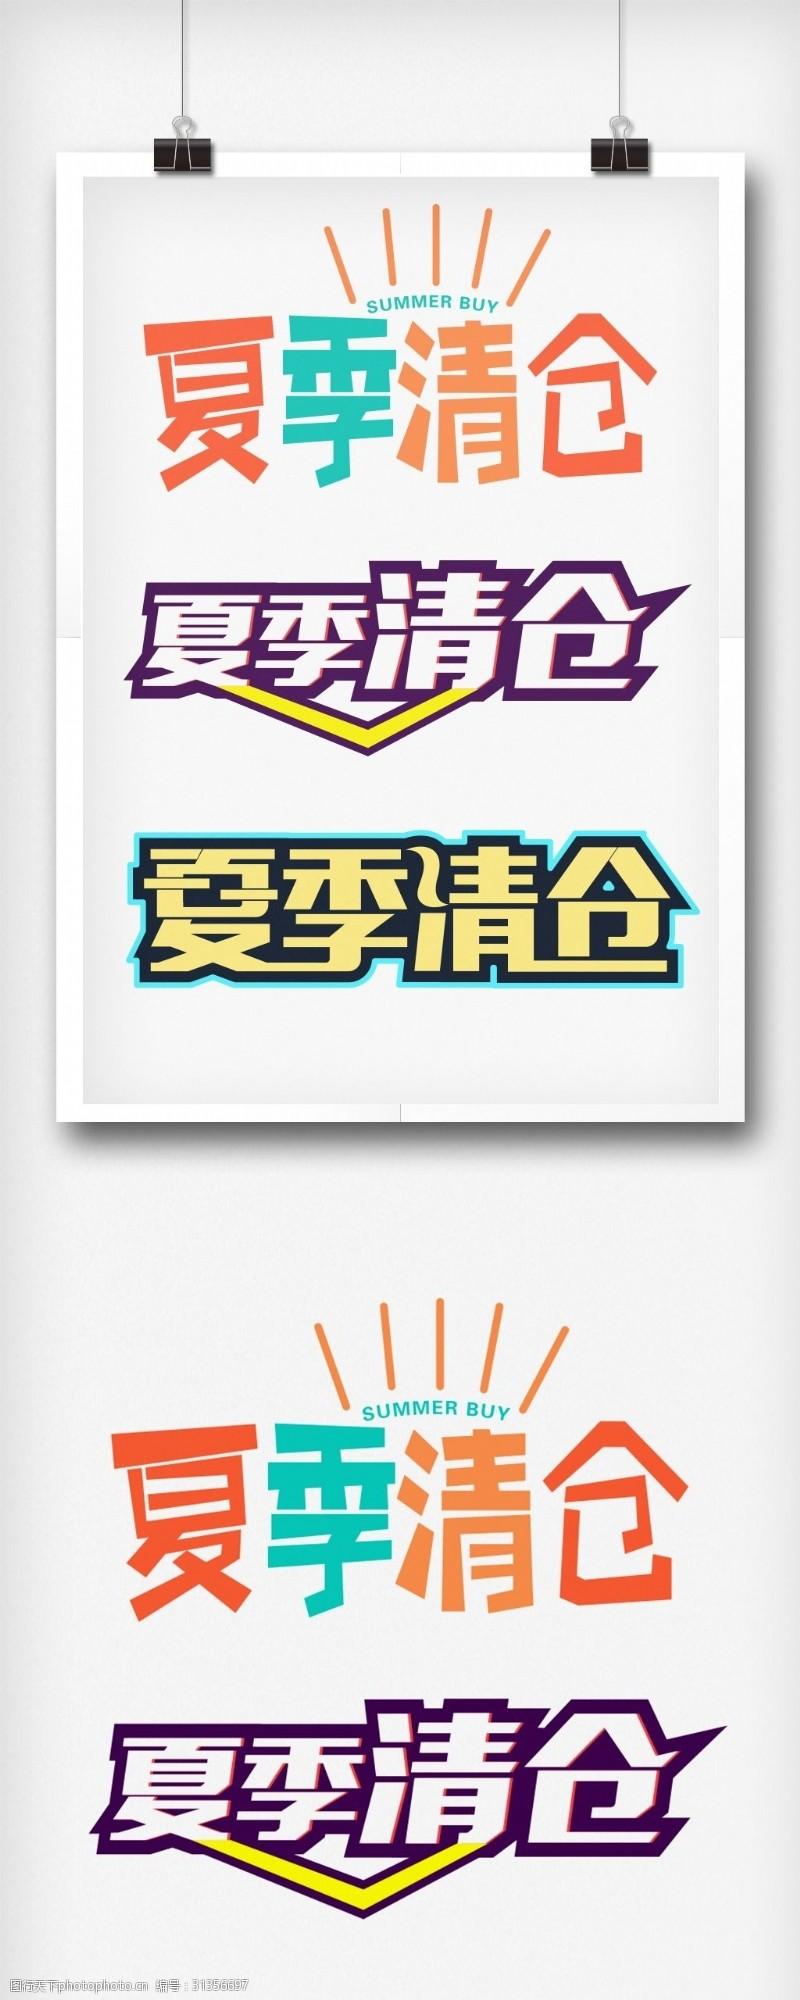 夏季促销字体原创艺术创意海报时尚简约字体夏季清仓